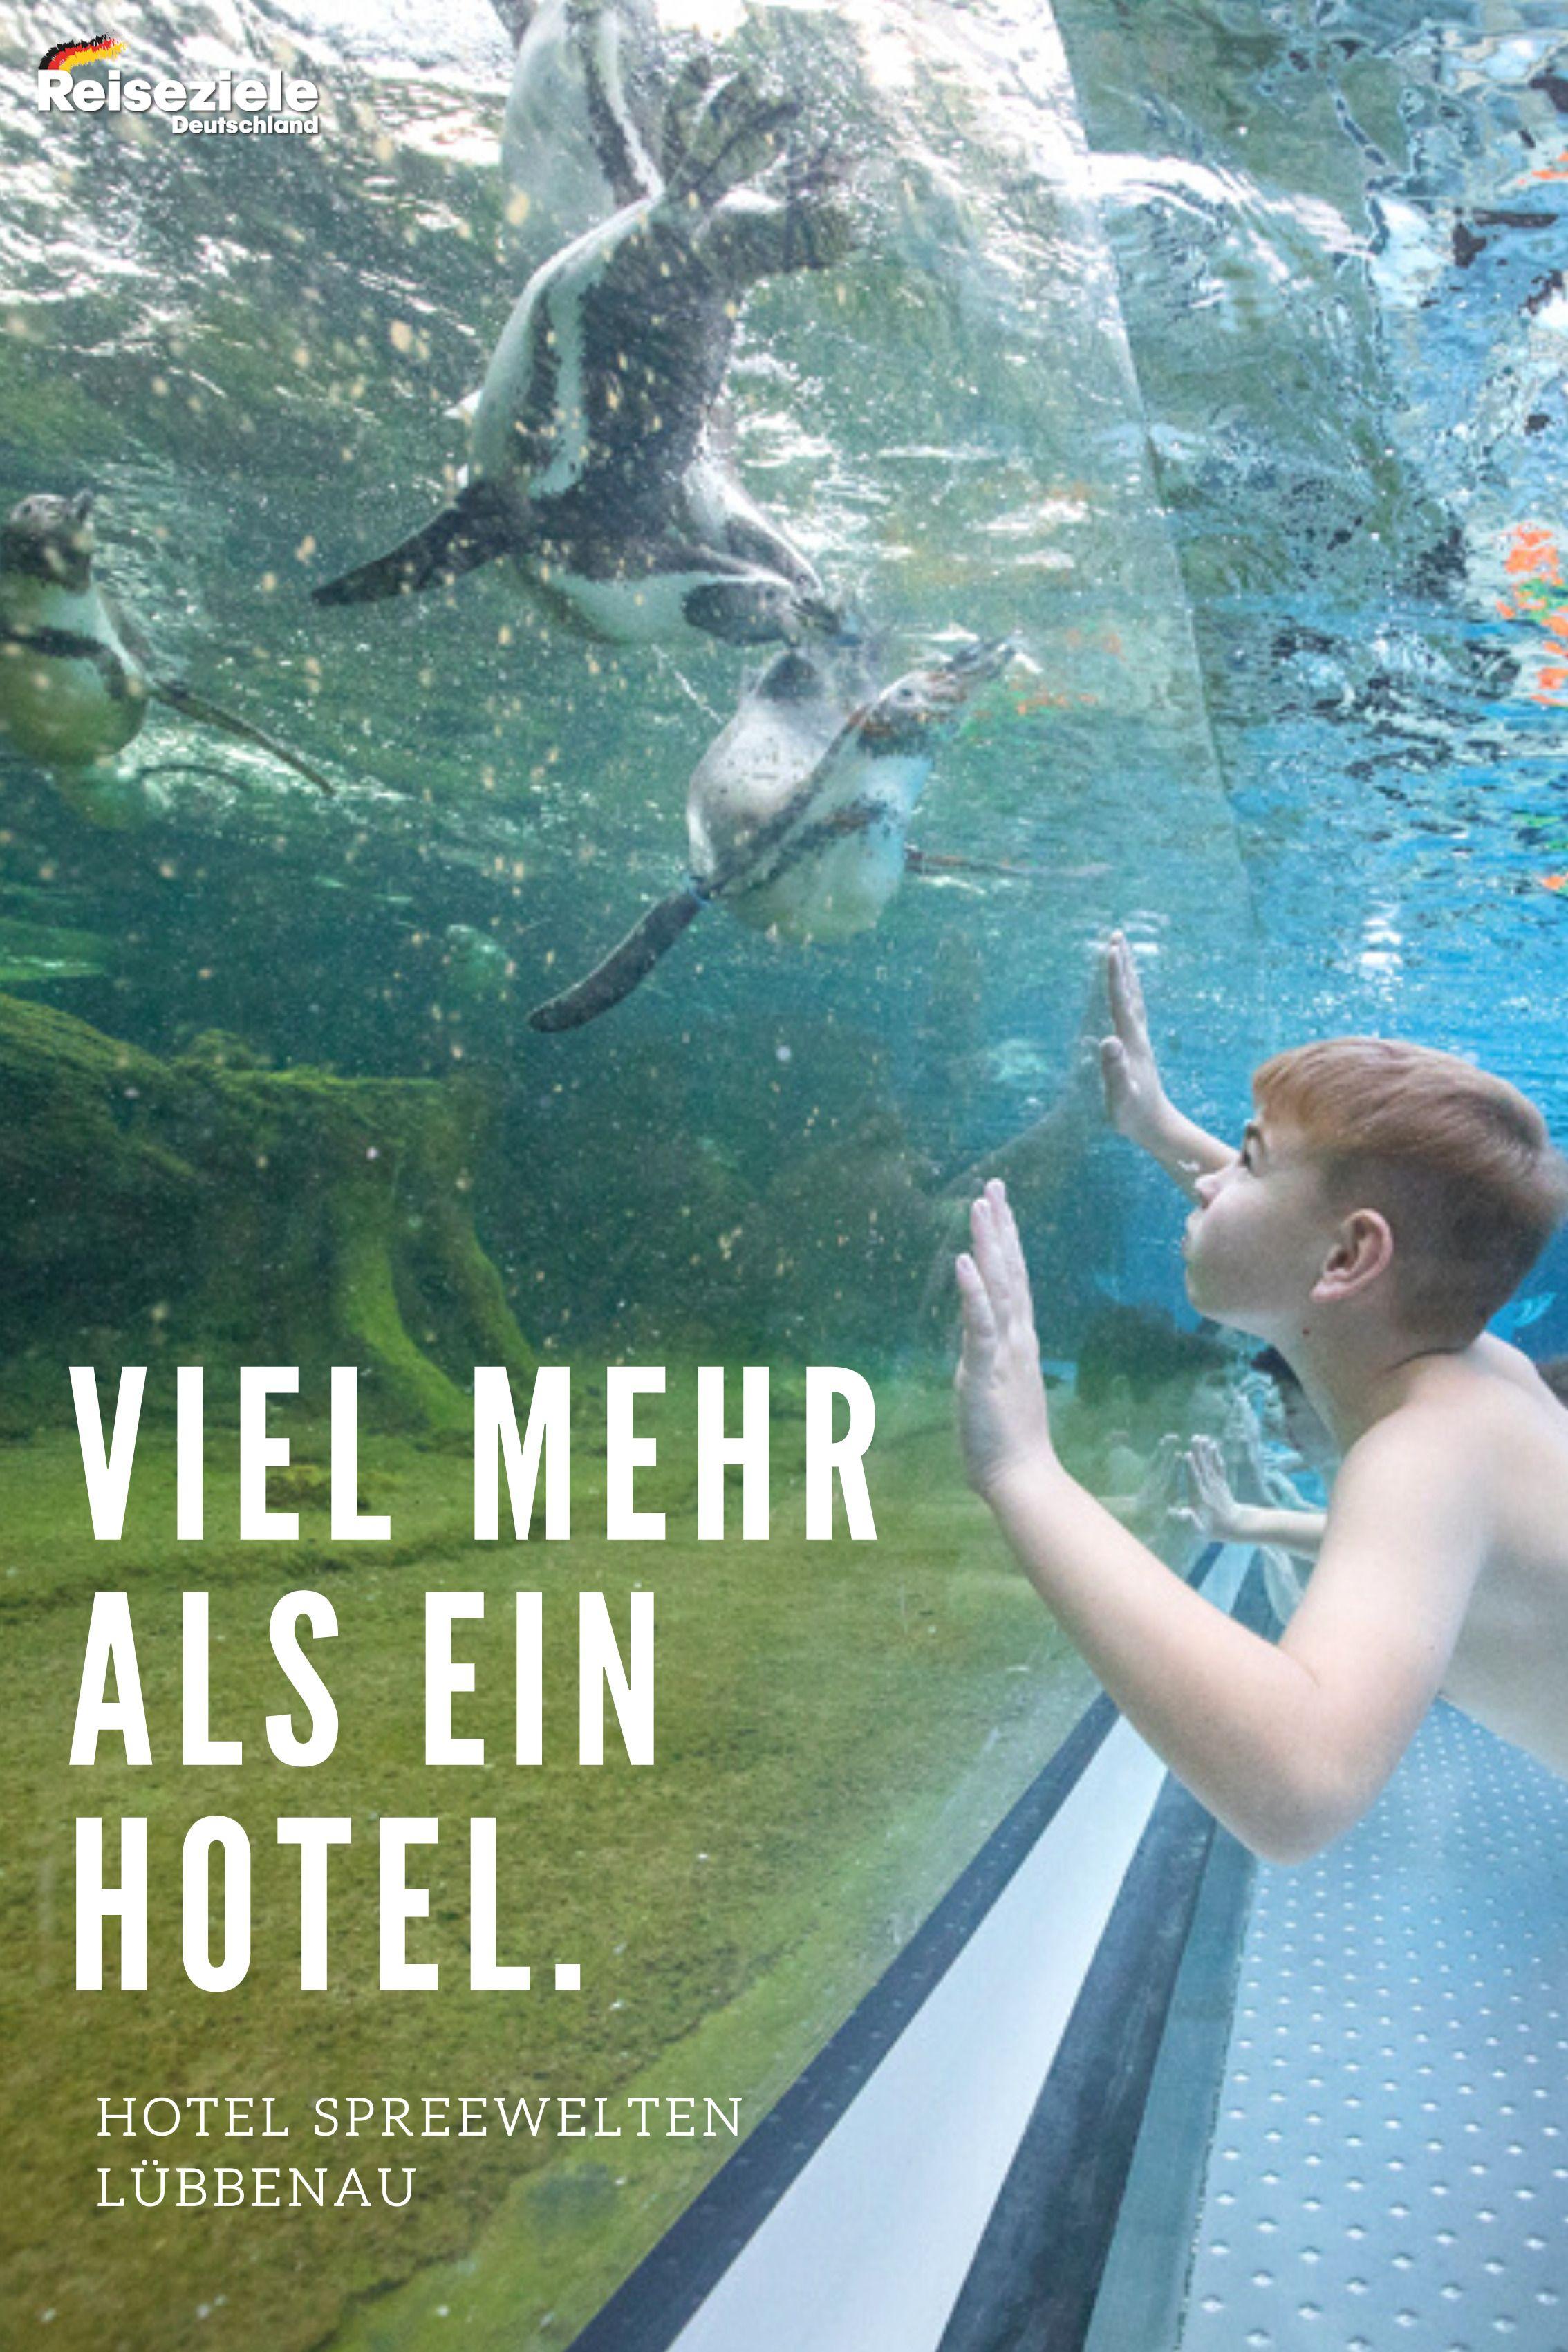 Spreewelten Hotel Lubbenau Schlafen Bei Den Pinguinen Urlaub Bayern Hotel Ausflug